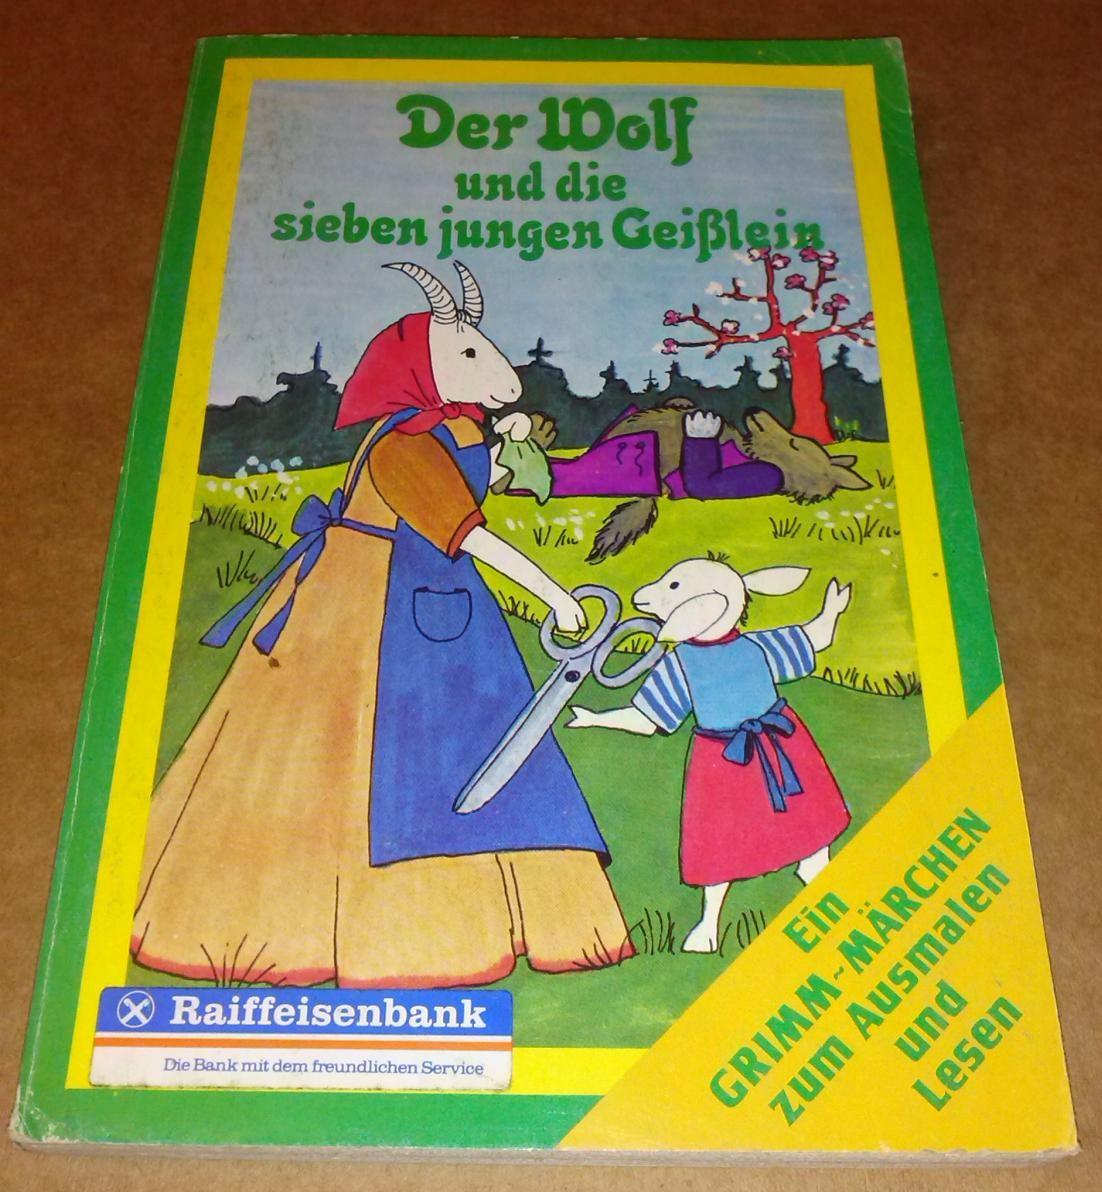 Der Wolf und die sieben jungen Geißlein - Ein GRIMM-MÄRCHEN zum Ausmalen und Lesen - Raiffeisenbank. Die Bank mit dem freundlichen Service // innen nichts ausgemalt 0